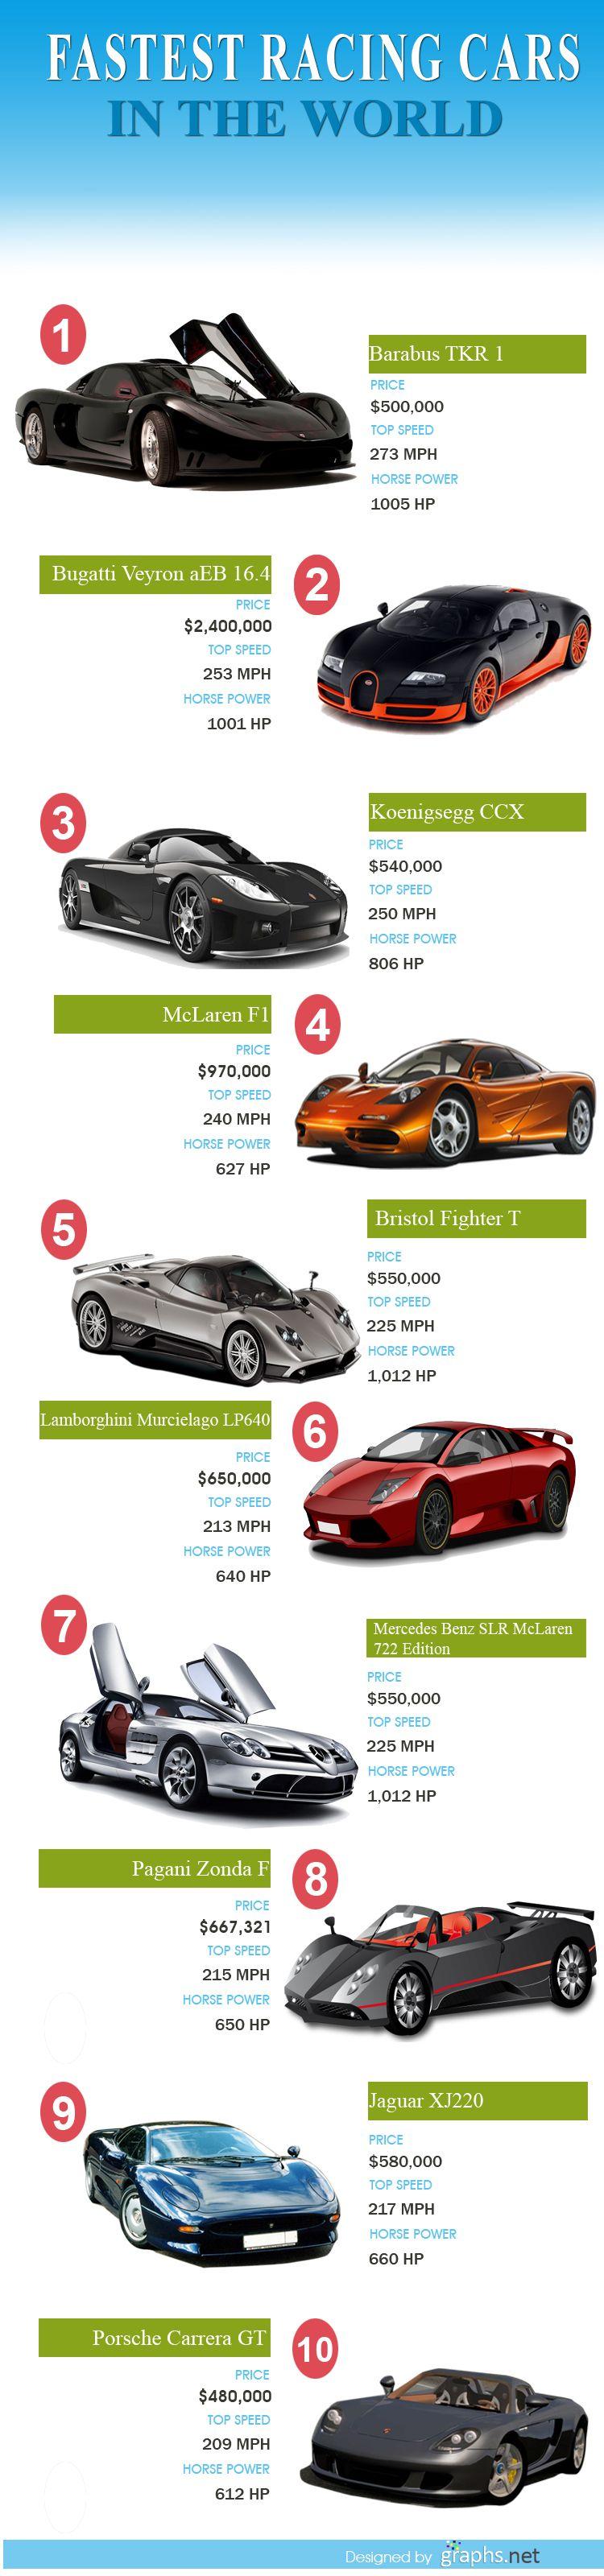 The top tenfor 2014  speeding safely  CarsTrucks